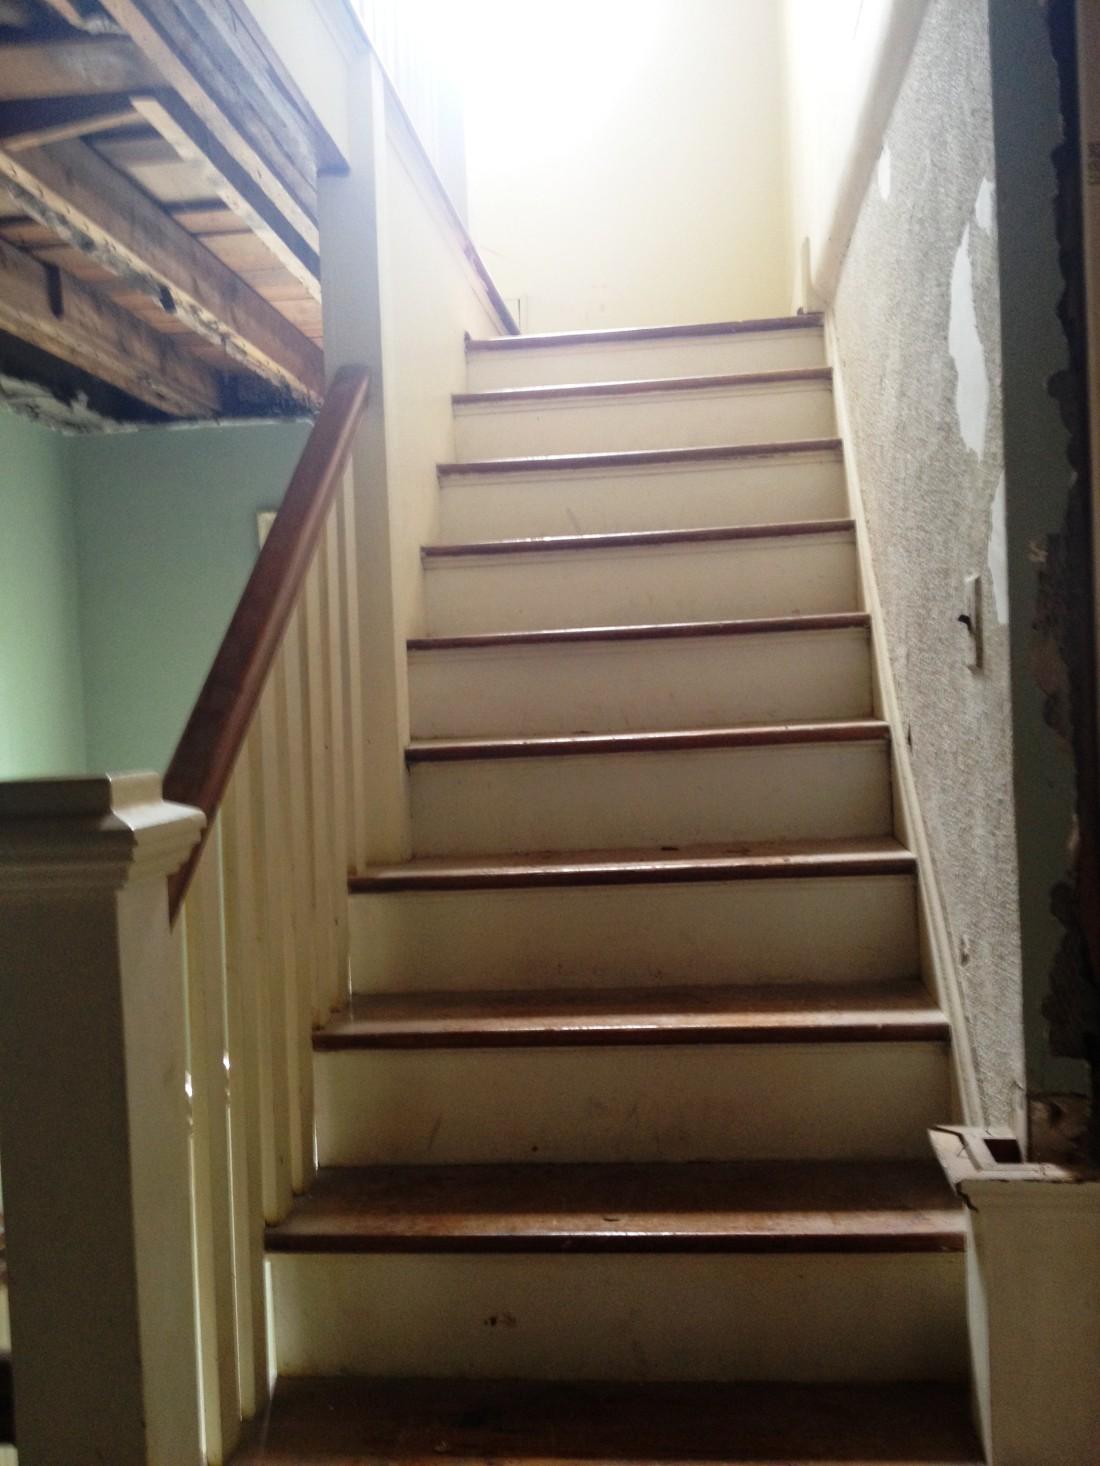 3rd Stairway Before